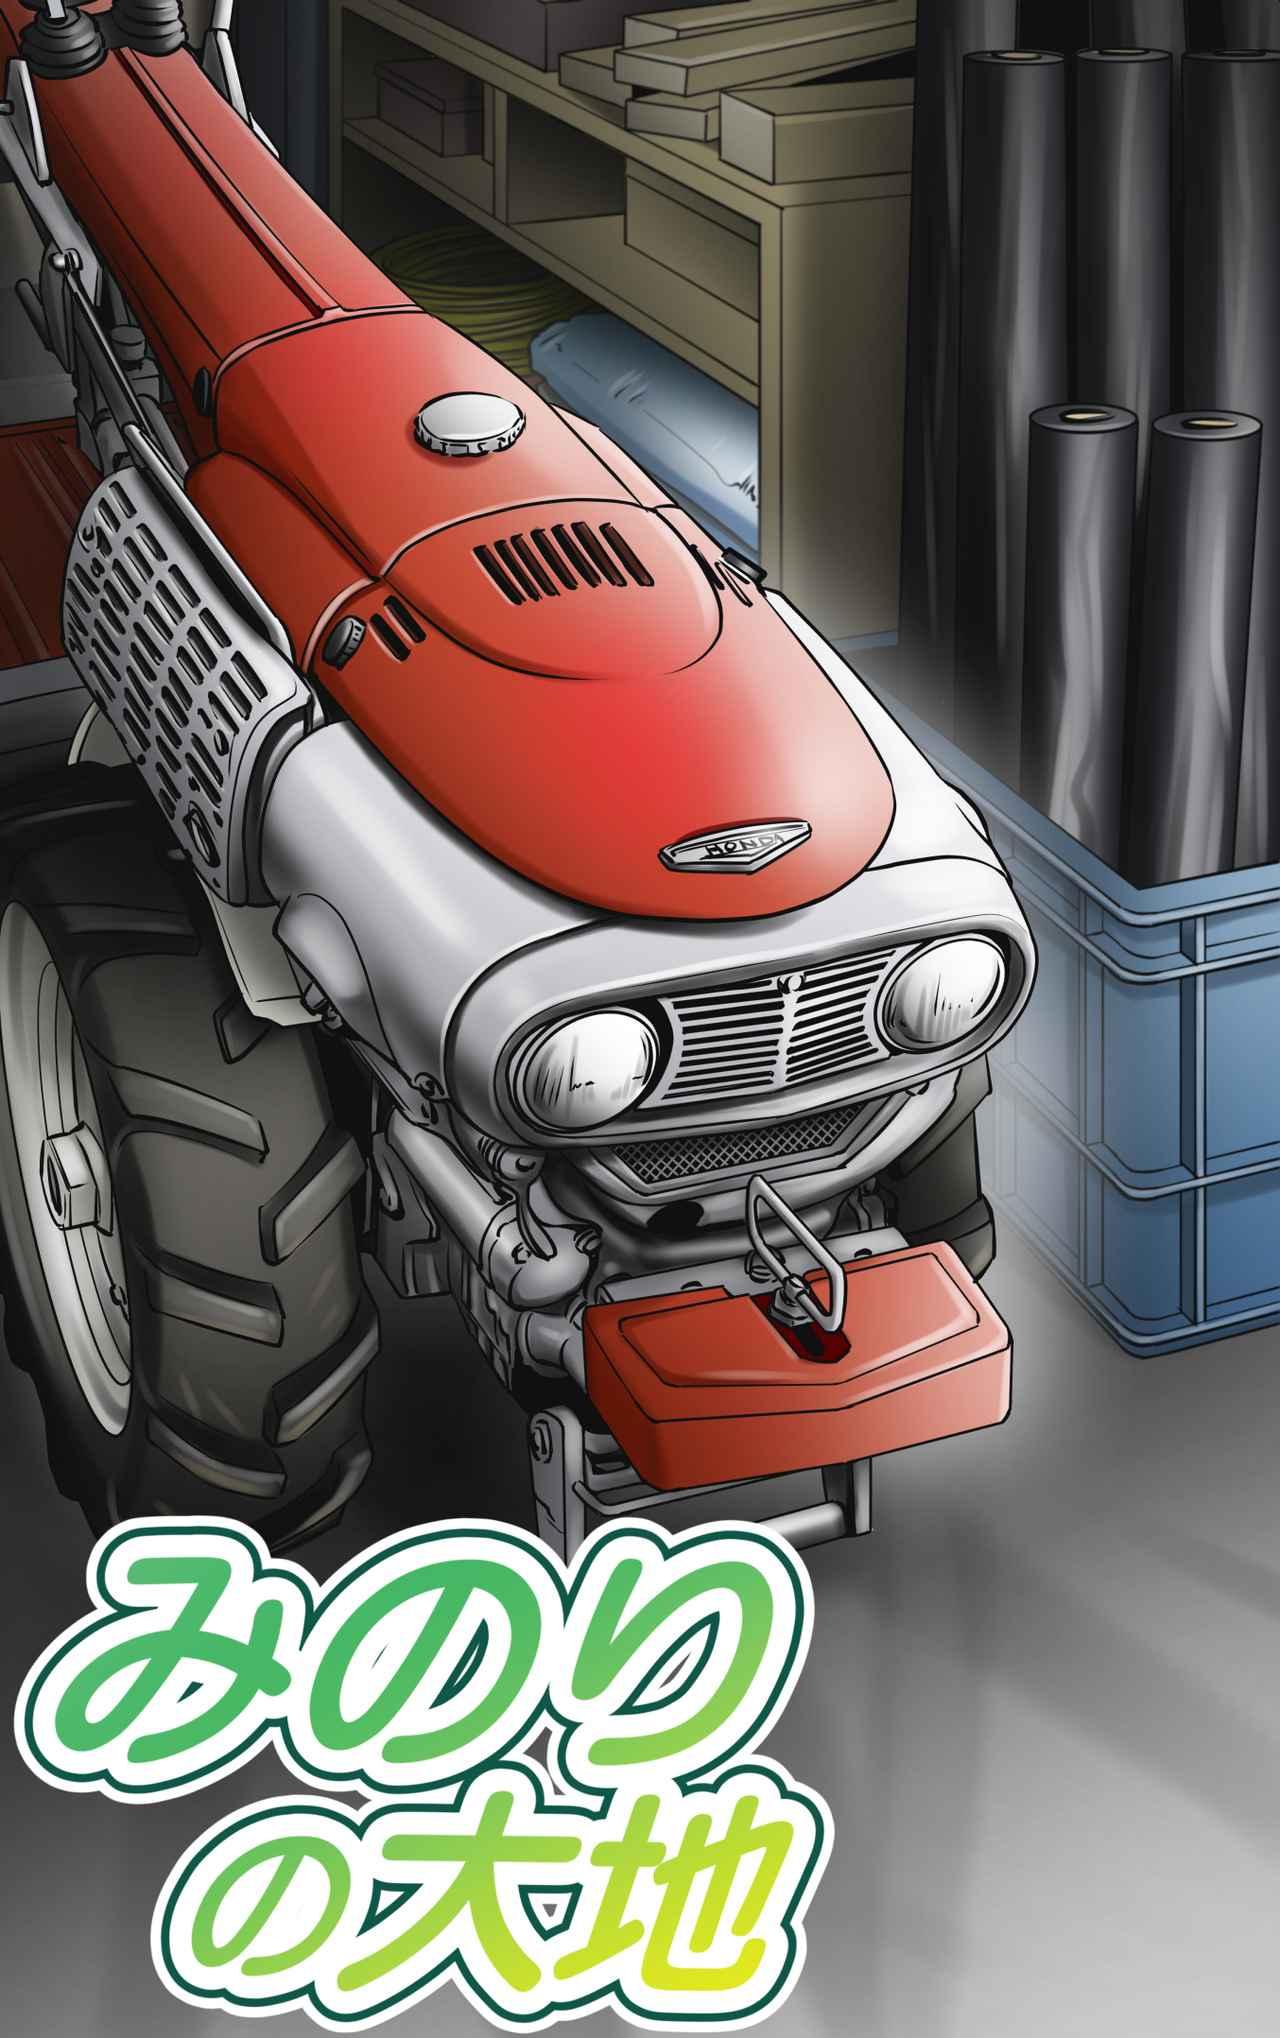 画像2: 漫画『みのりの大地』1~4話を公開中! ホンダパワープロダクツの公式サイトから無料読めます!